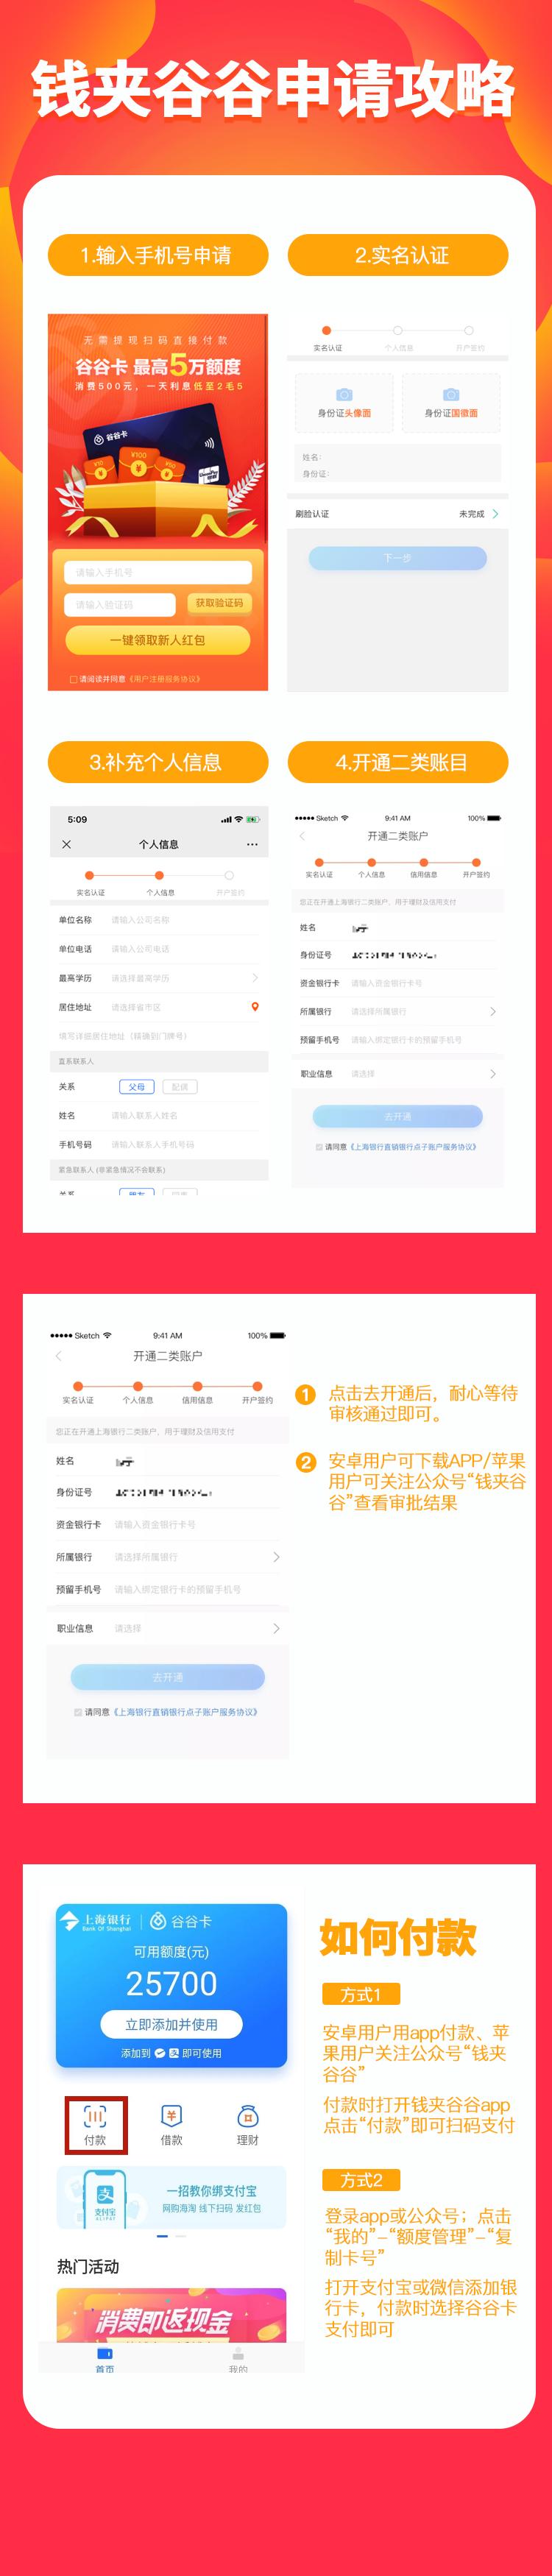 上海银行钱夹谷谷卡申请攻略  上海银行 钱夹谷谷 谷谷卡 第2张